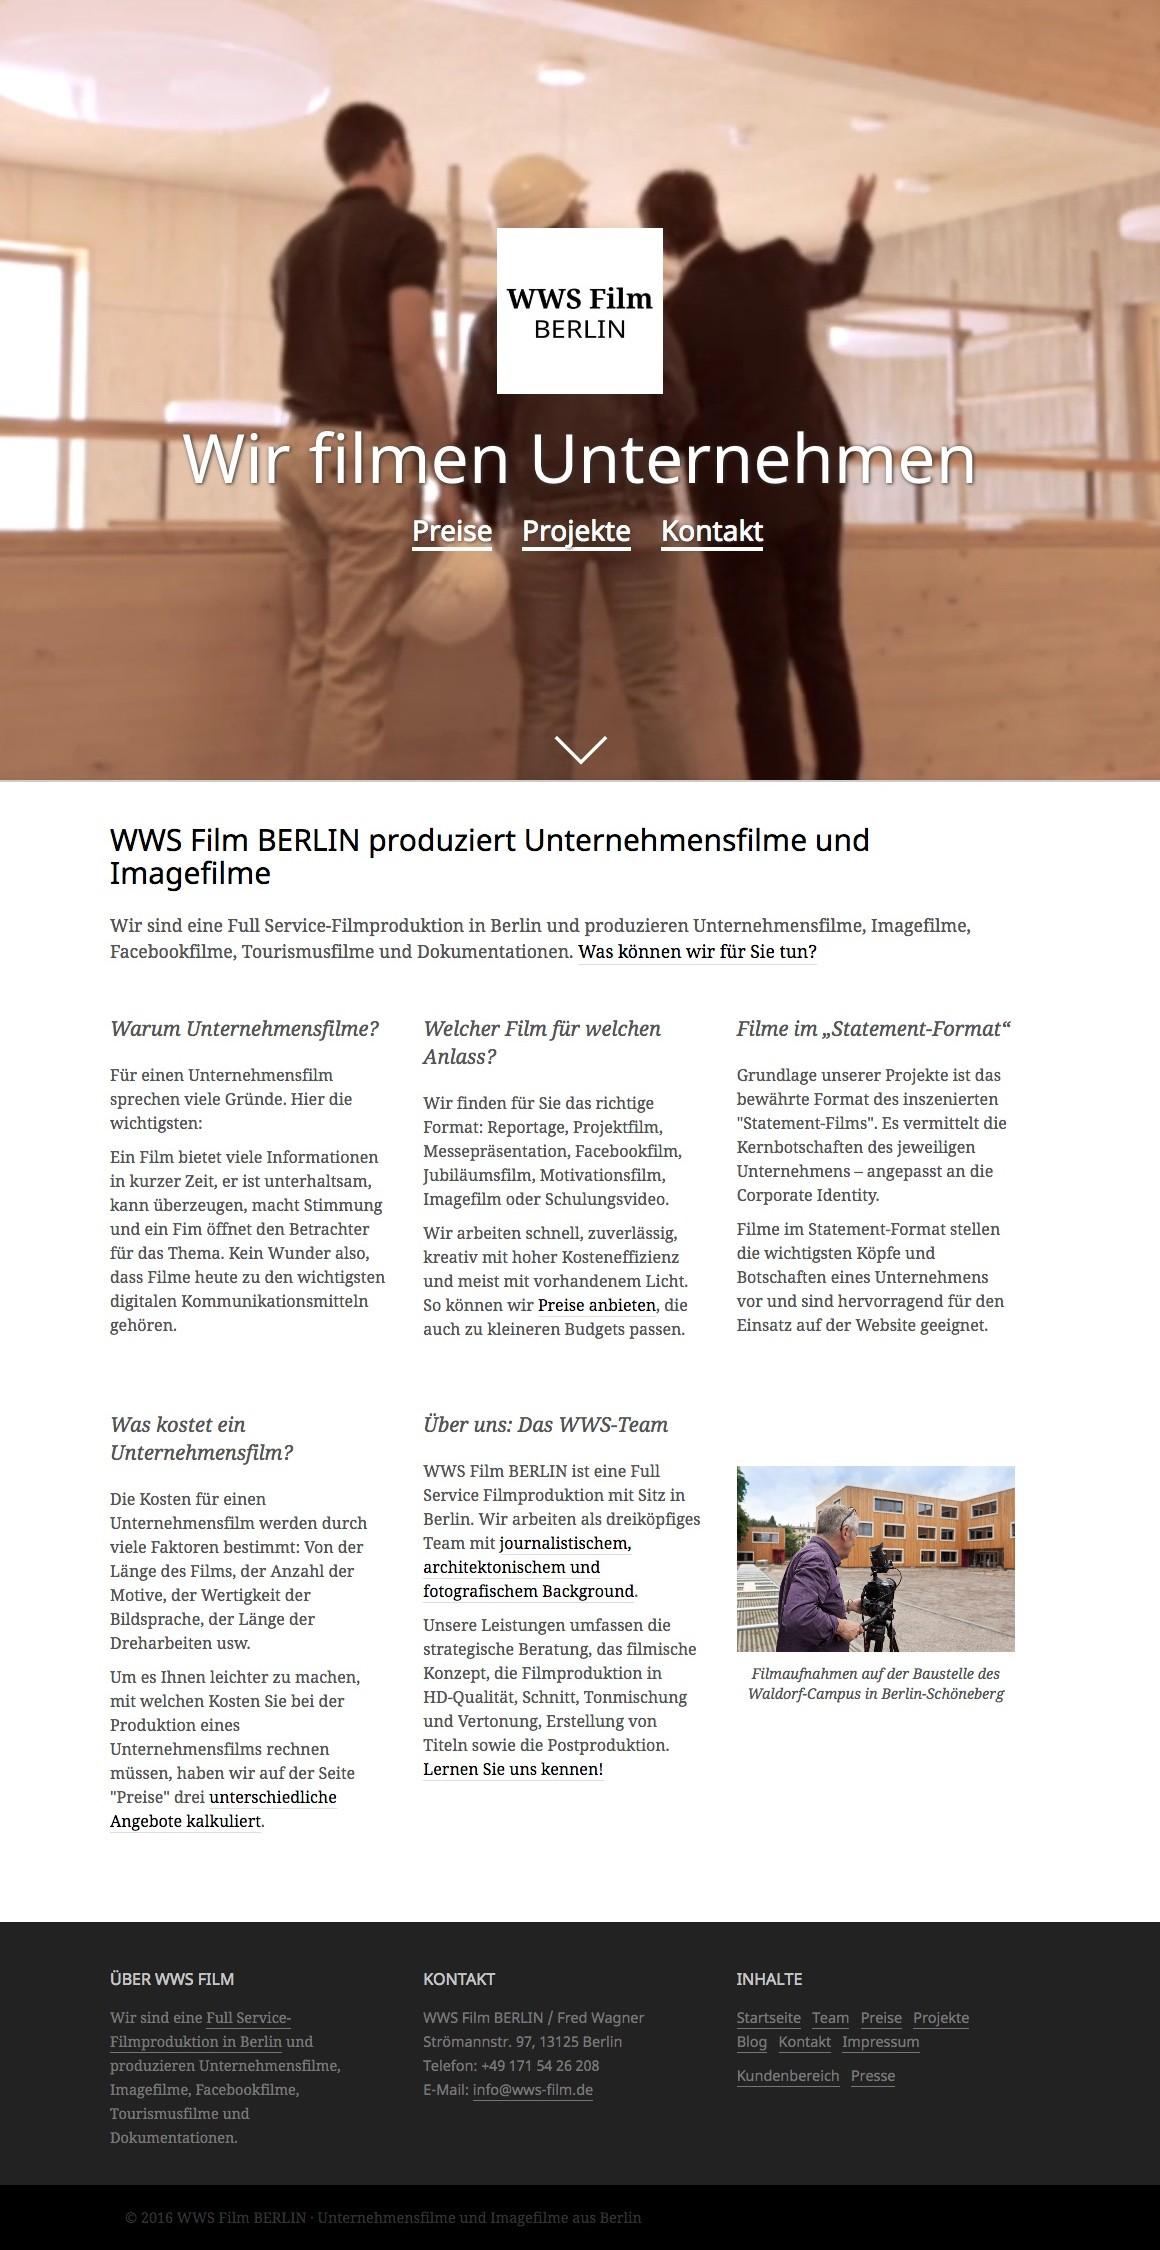 Die Startseite von WWS Film BERLIN (Screenshot August 2016)